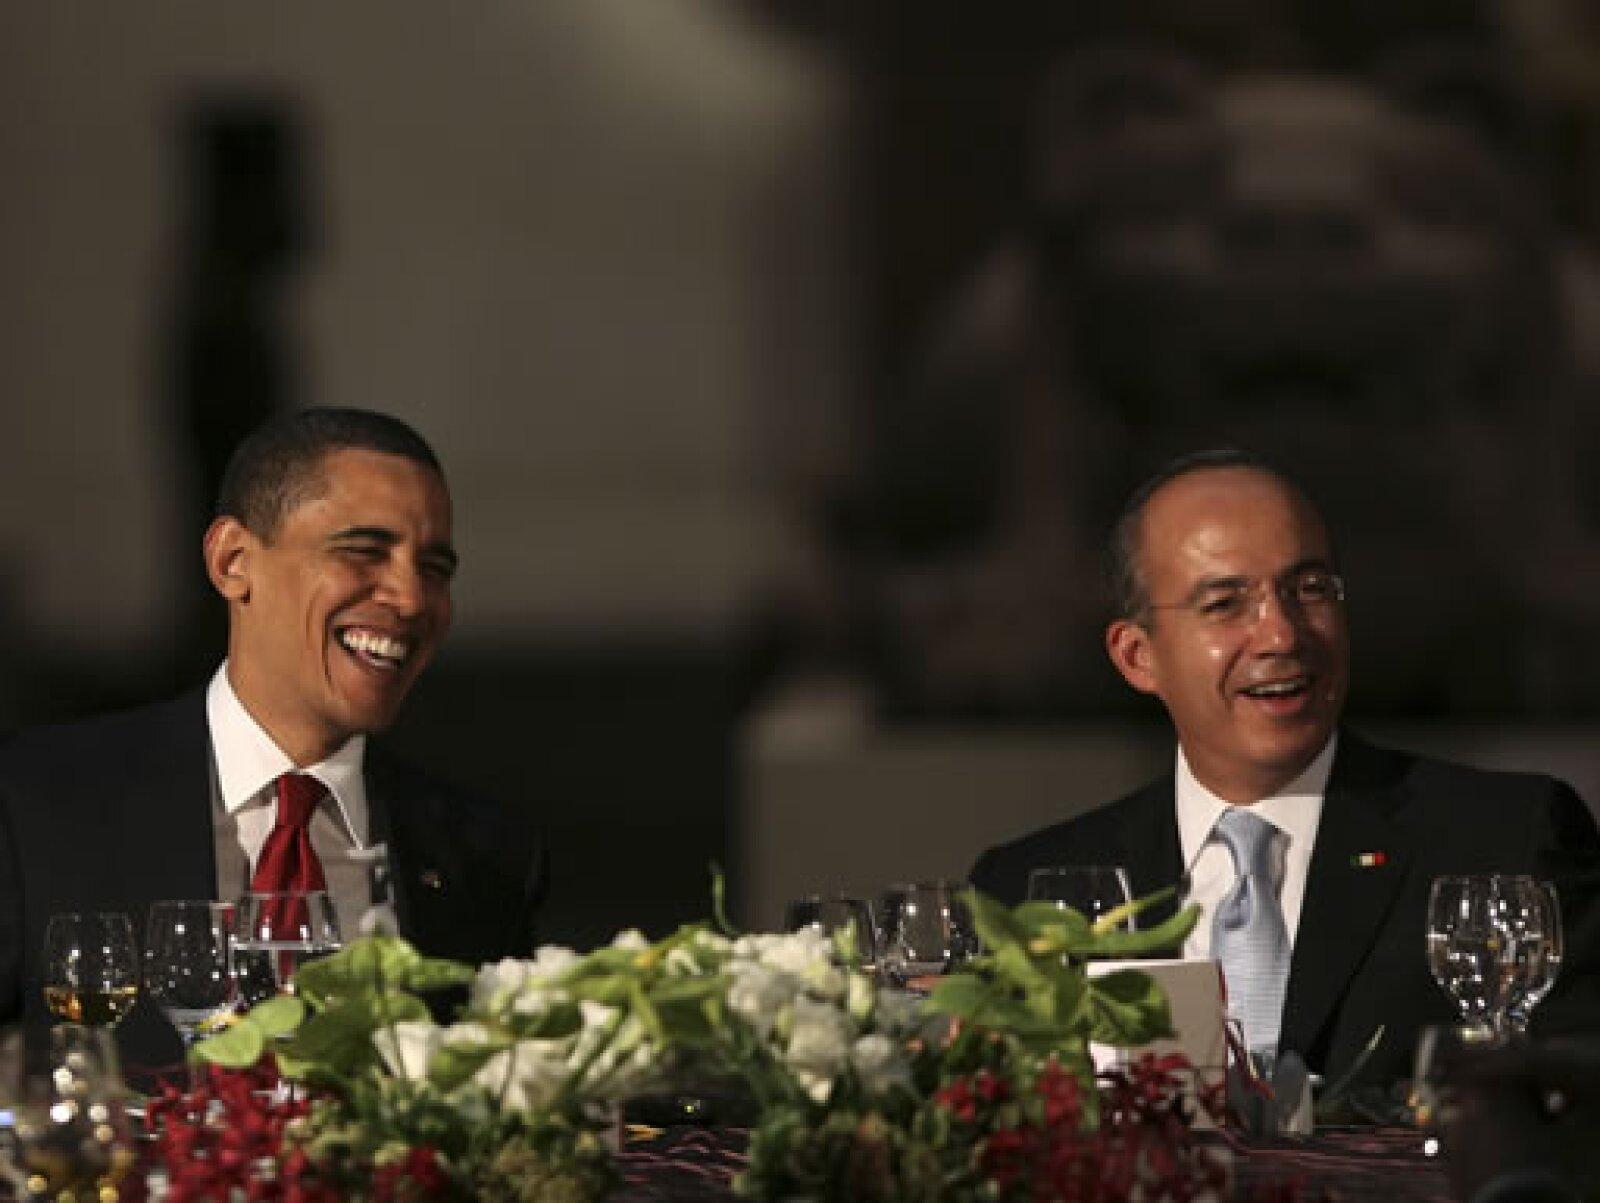 El presidente de EU, Barack Obama, y su homólogo mexicano, Felipe Calderón, cerraron con la cena las actividades del primer día de visita a México del mandatario estadounidense.